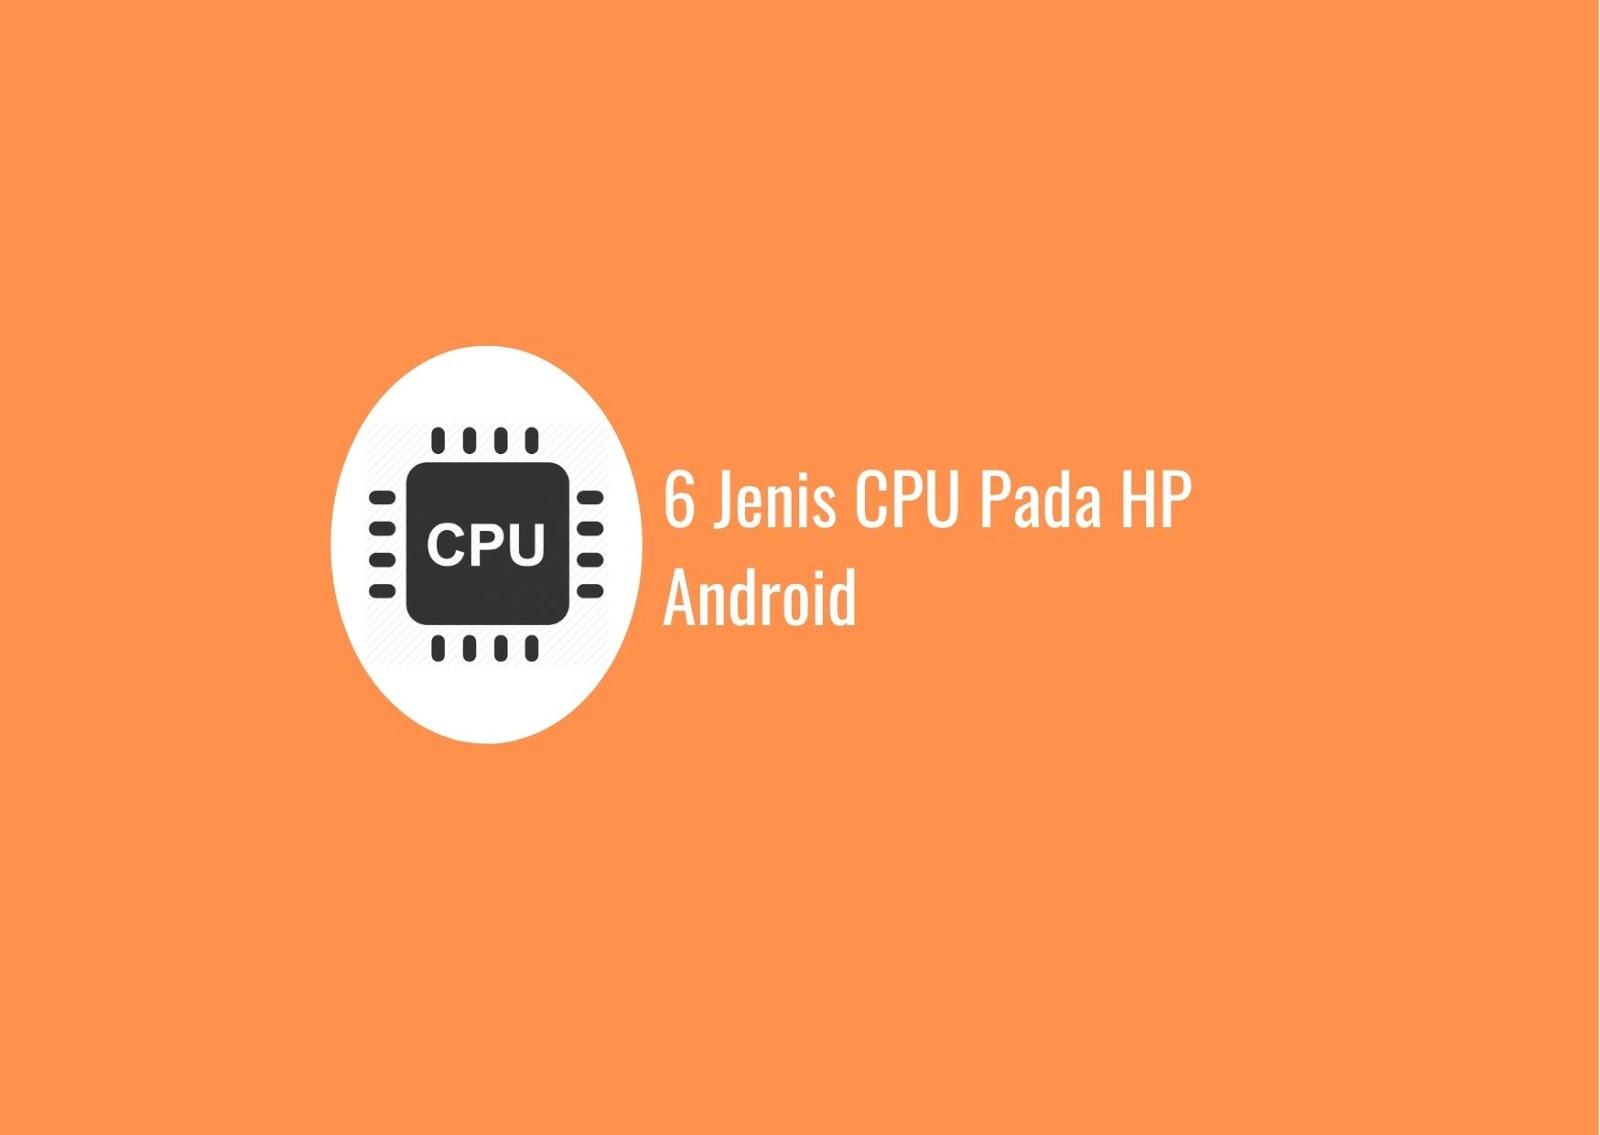 6 Jenis CPU Pada HP Android